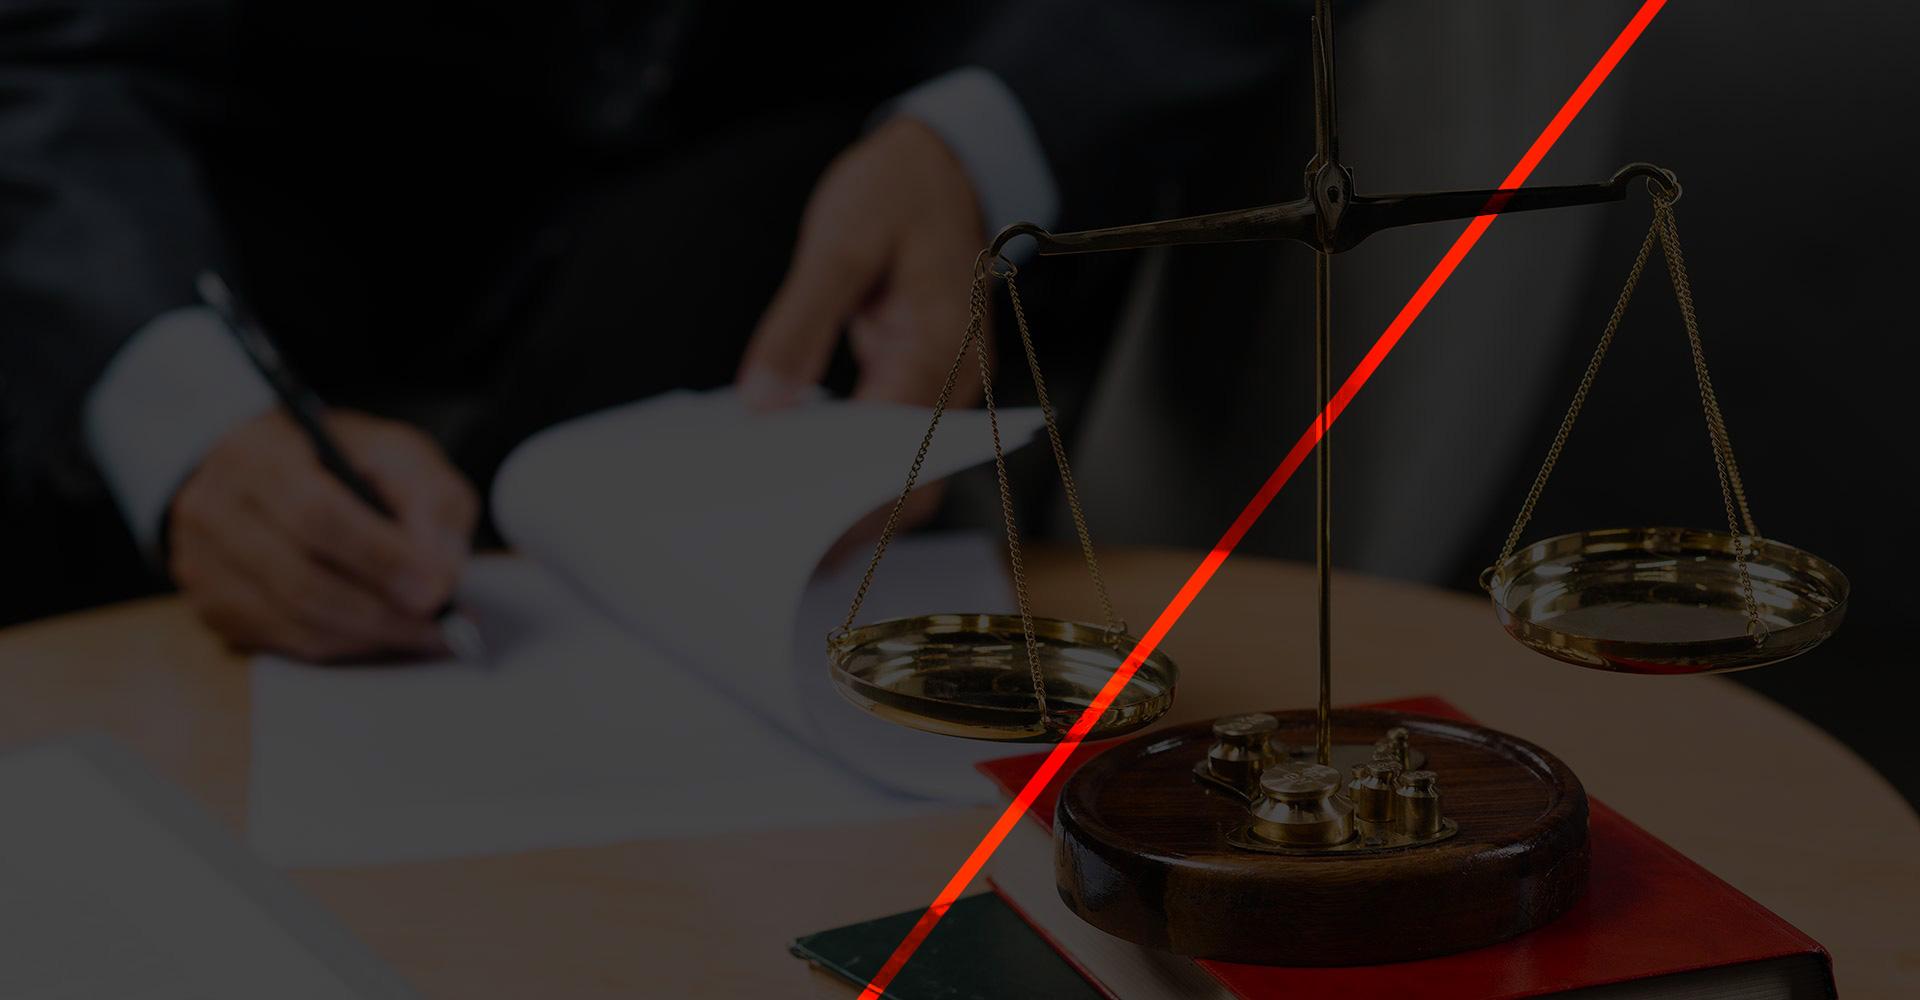 Luan Maynard<br>Advogado especialista no Direito das Família e Planejamento Sucessório em Aracaju.